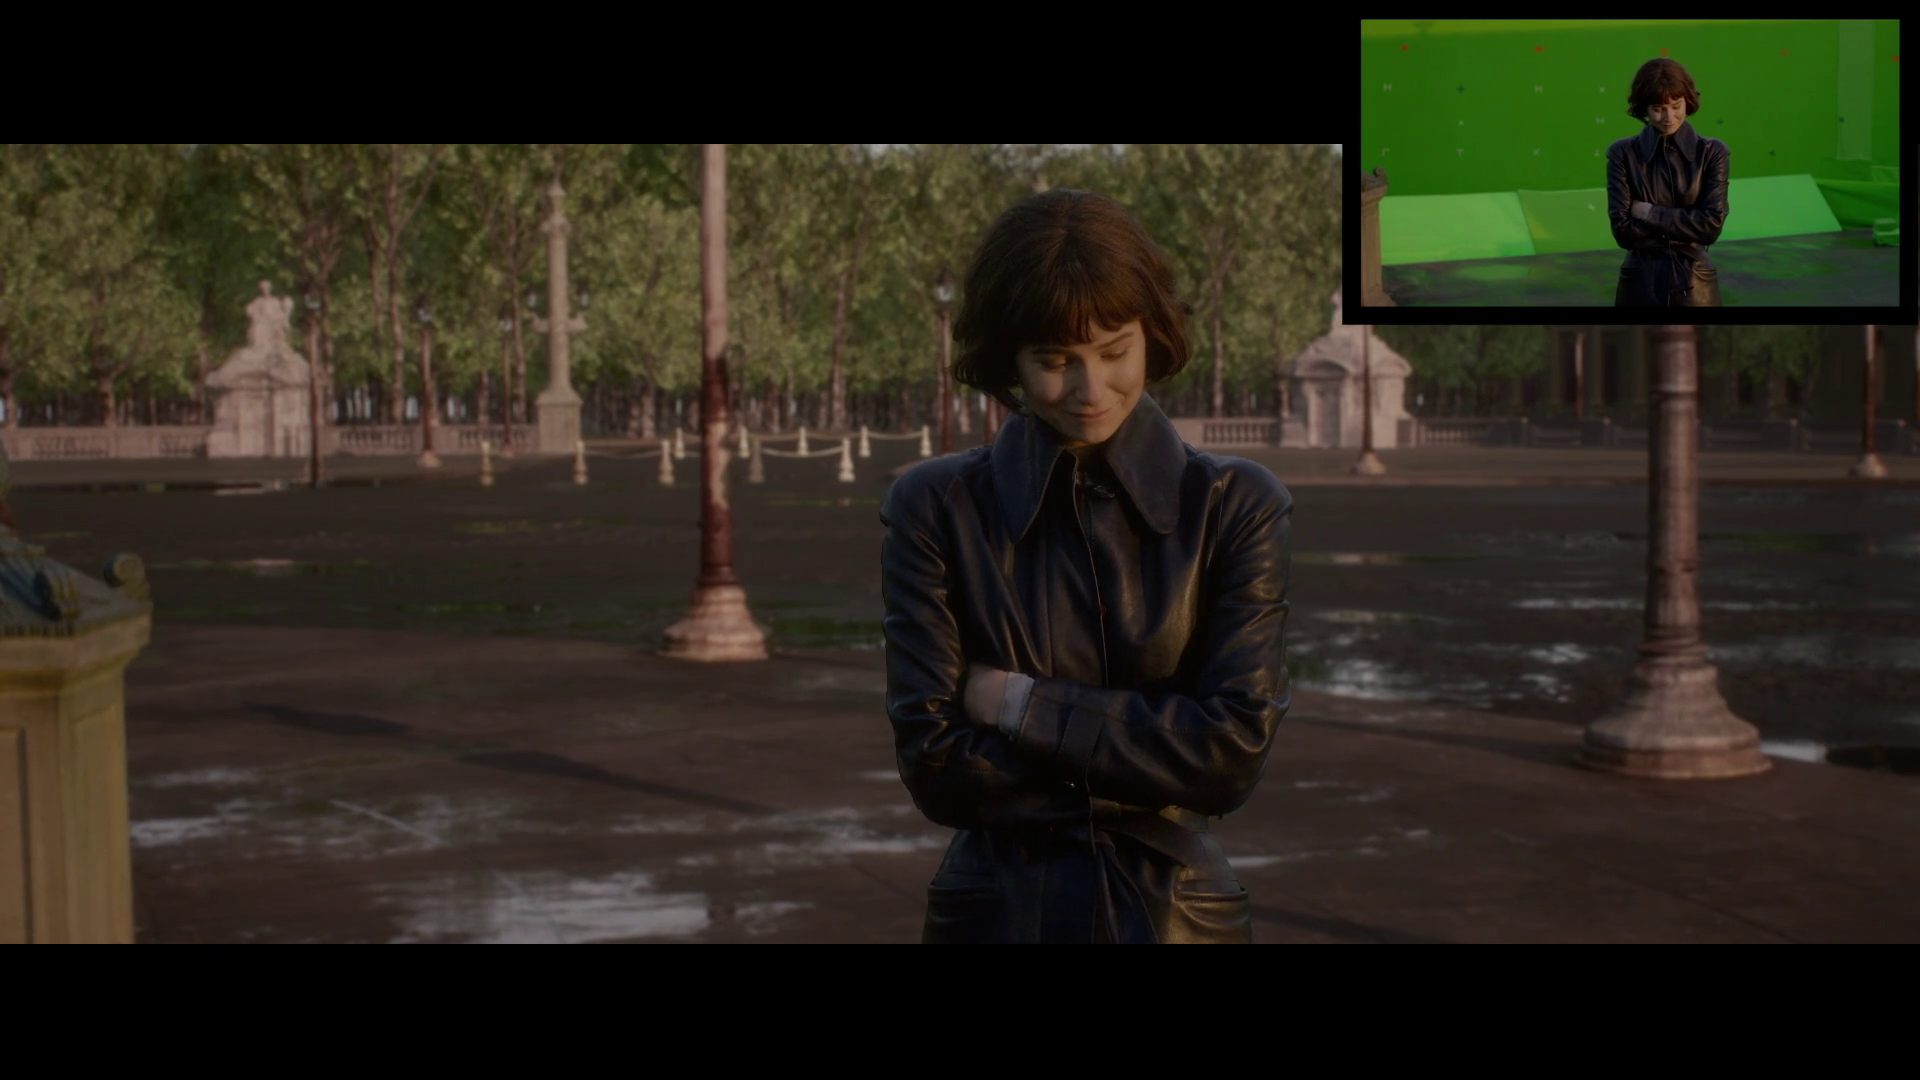 Tina, aparentemente olhando para Newt, dá um sorriso e abaixa a cabeça.